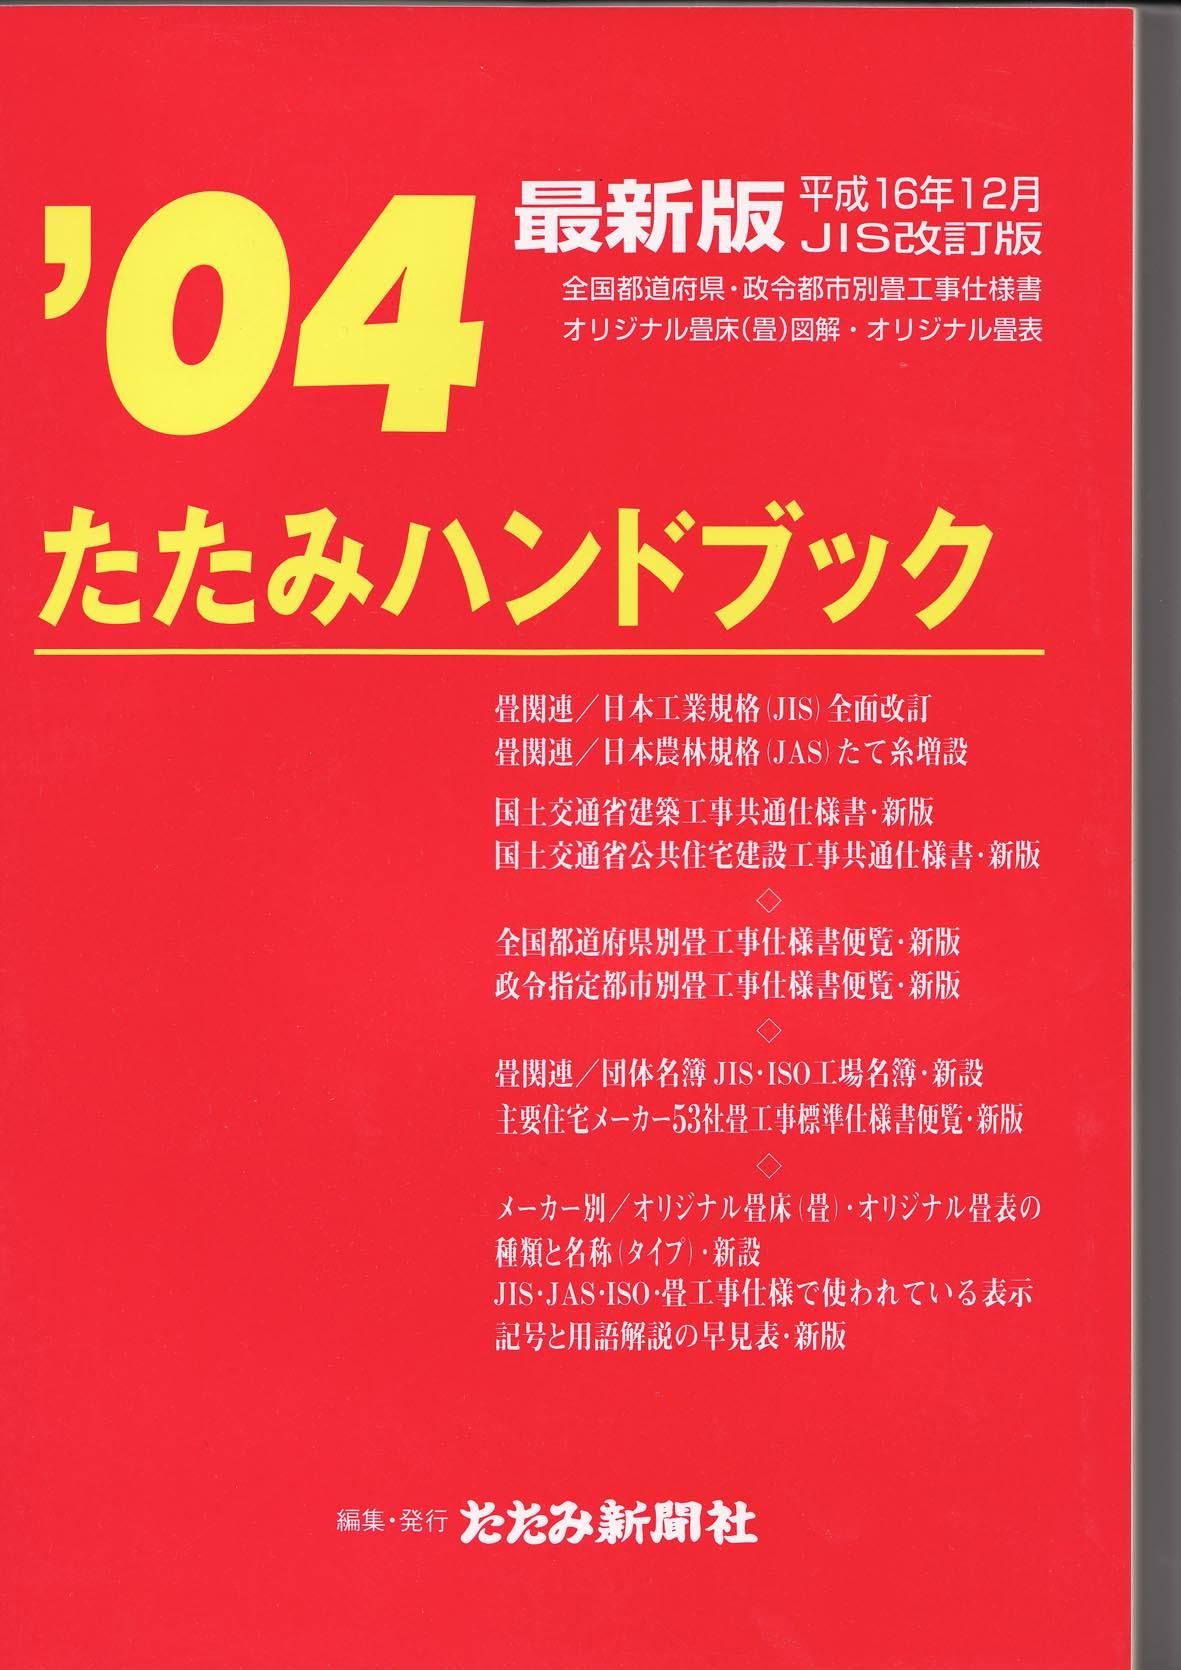 畳のJIS規格ガイドブック画像